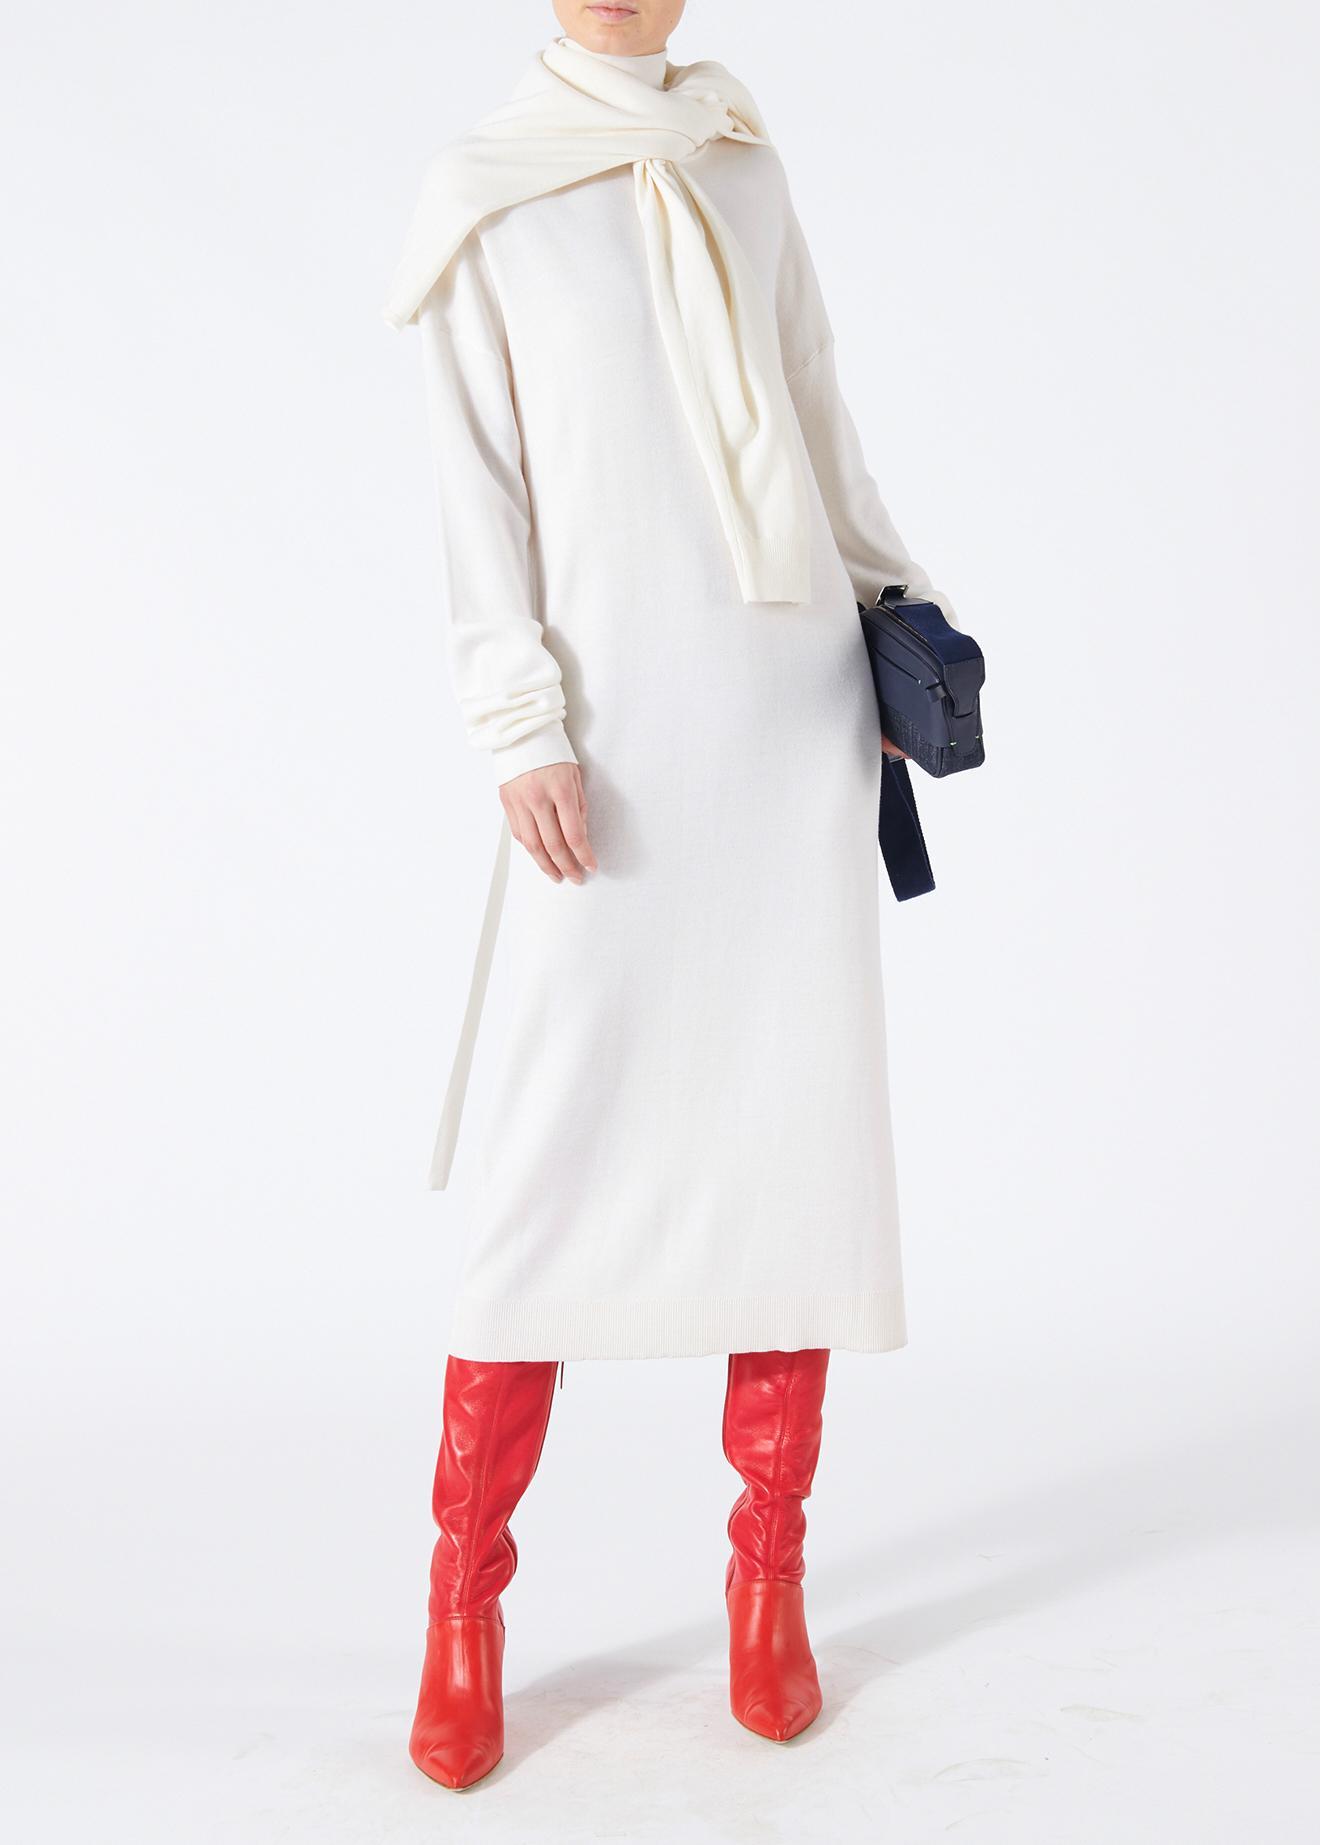 4389f9fe998a Tibi Merino Wool Tie Back Long Dress in White - Lyst